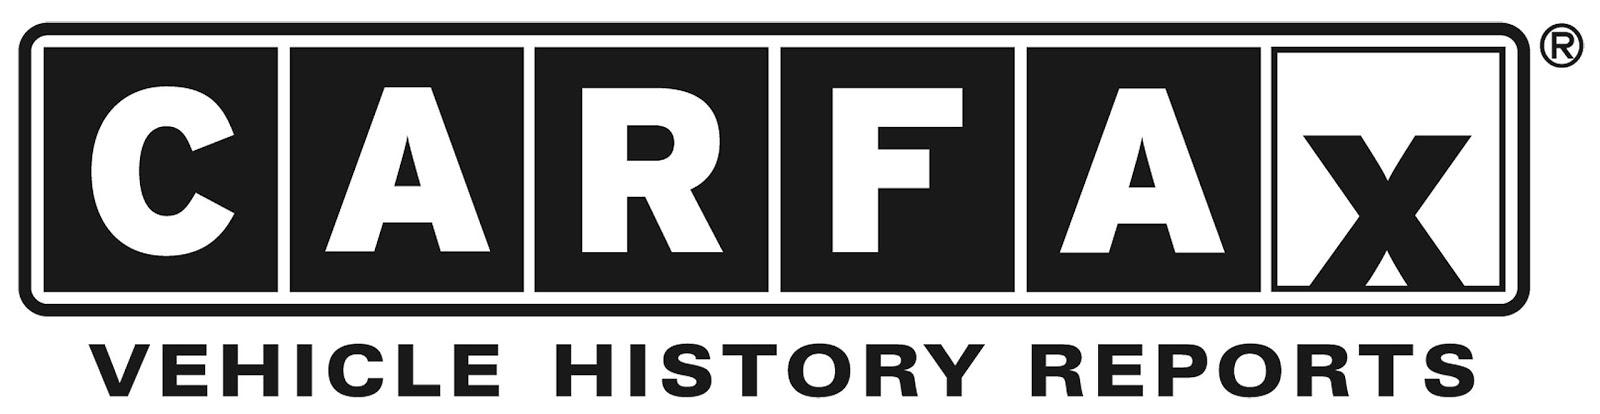 History Of All Logos Carfax Logo History